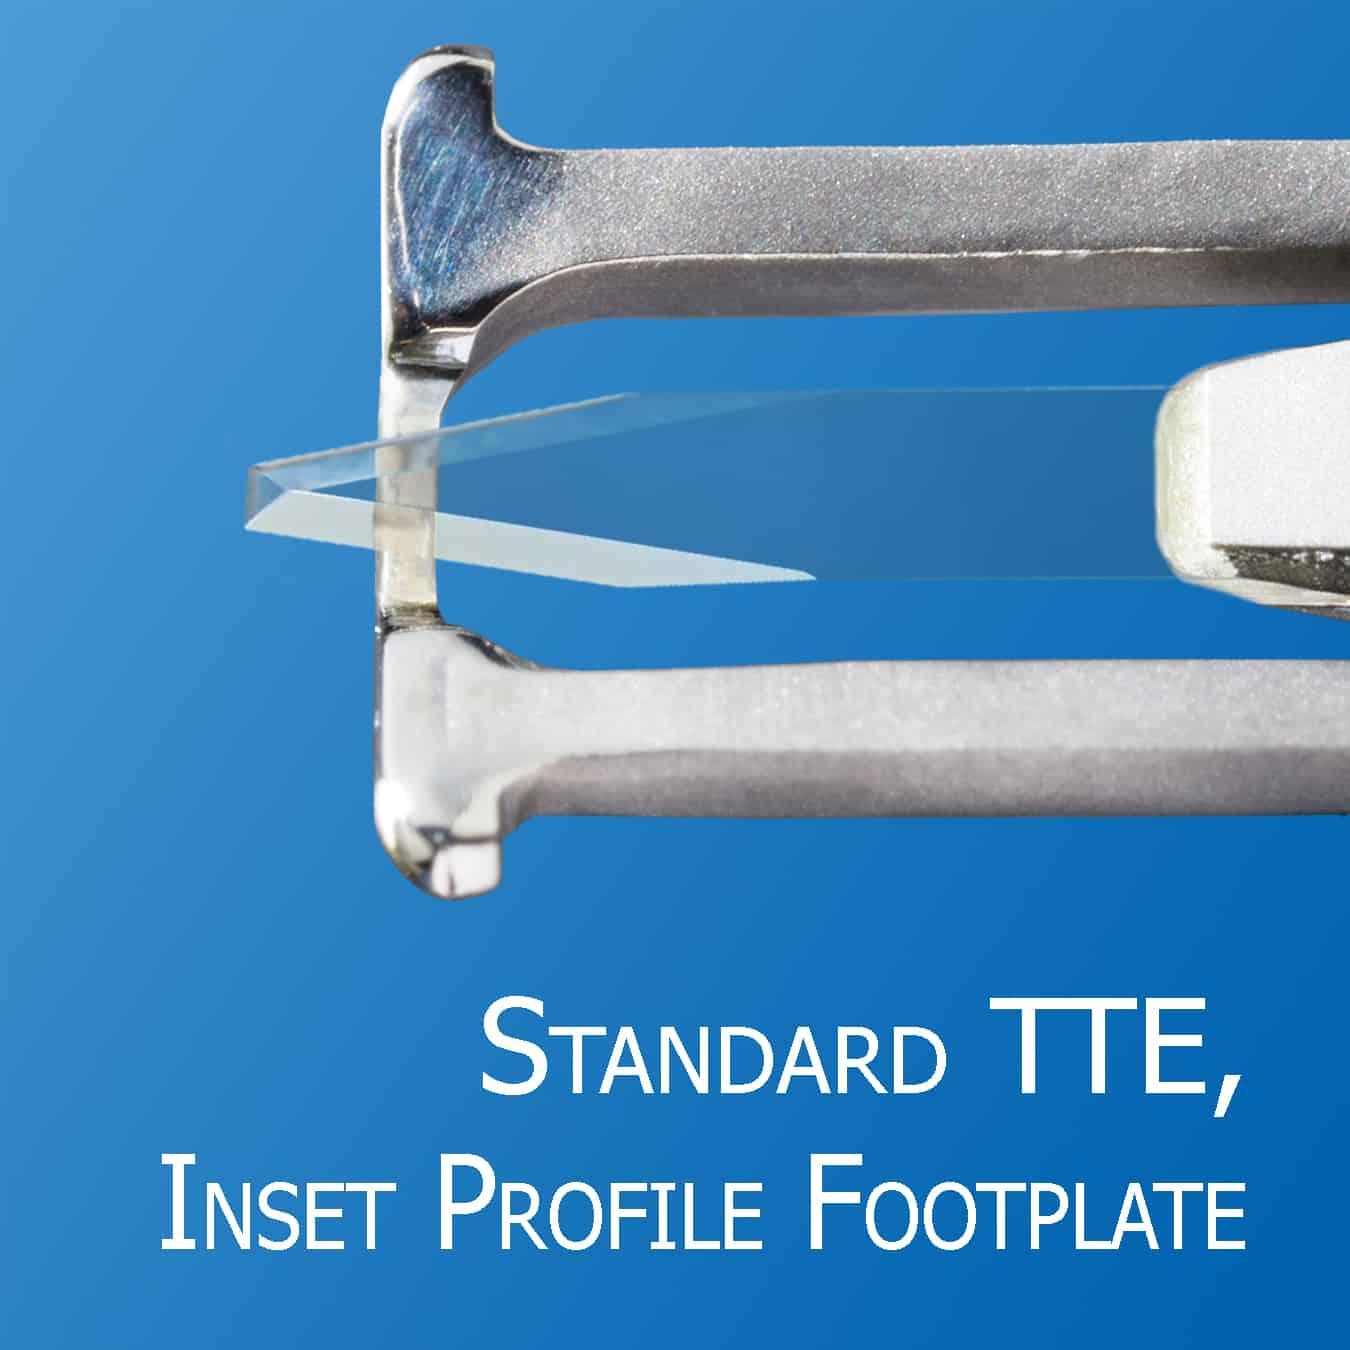 Standard Truncated Triple Edge, Elite II Micrometer